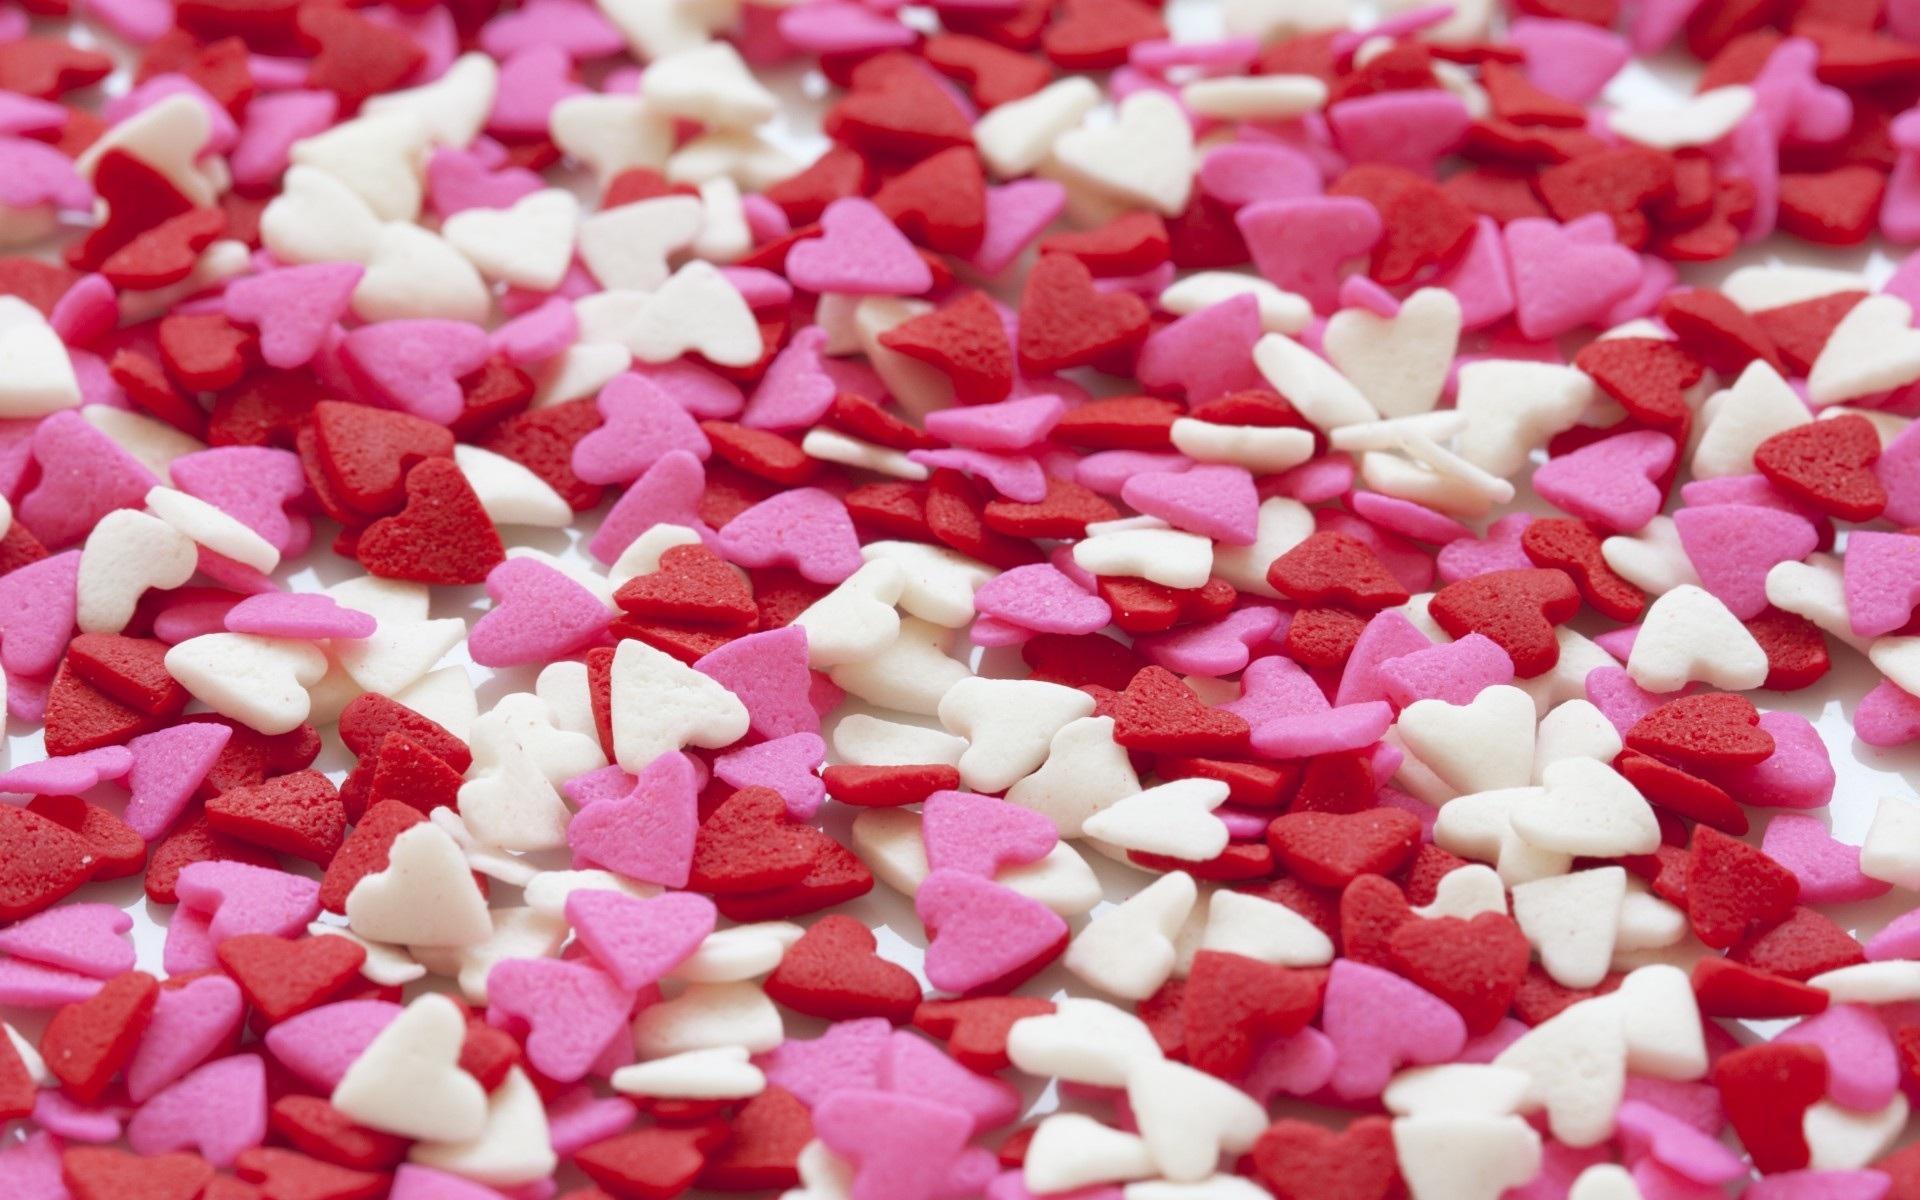 Картинки Сердце, набор, красный, белый, розовый фото и обои на рабочий стол